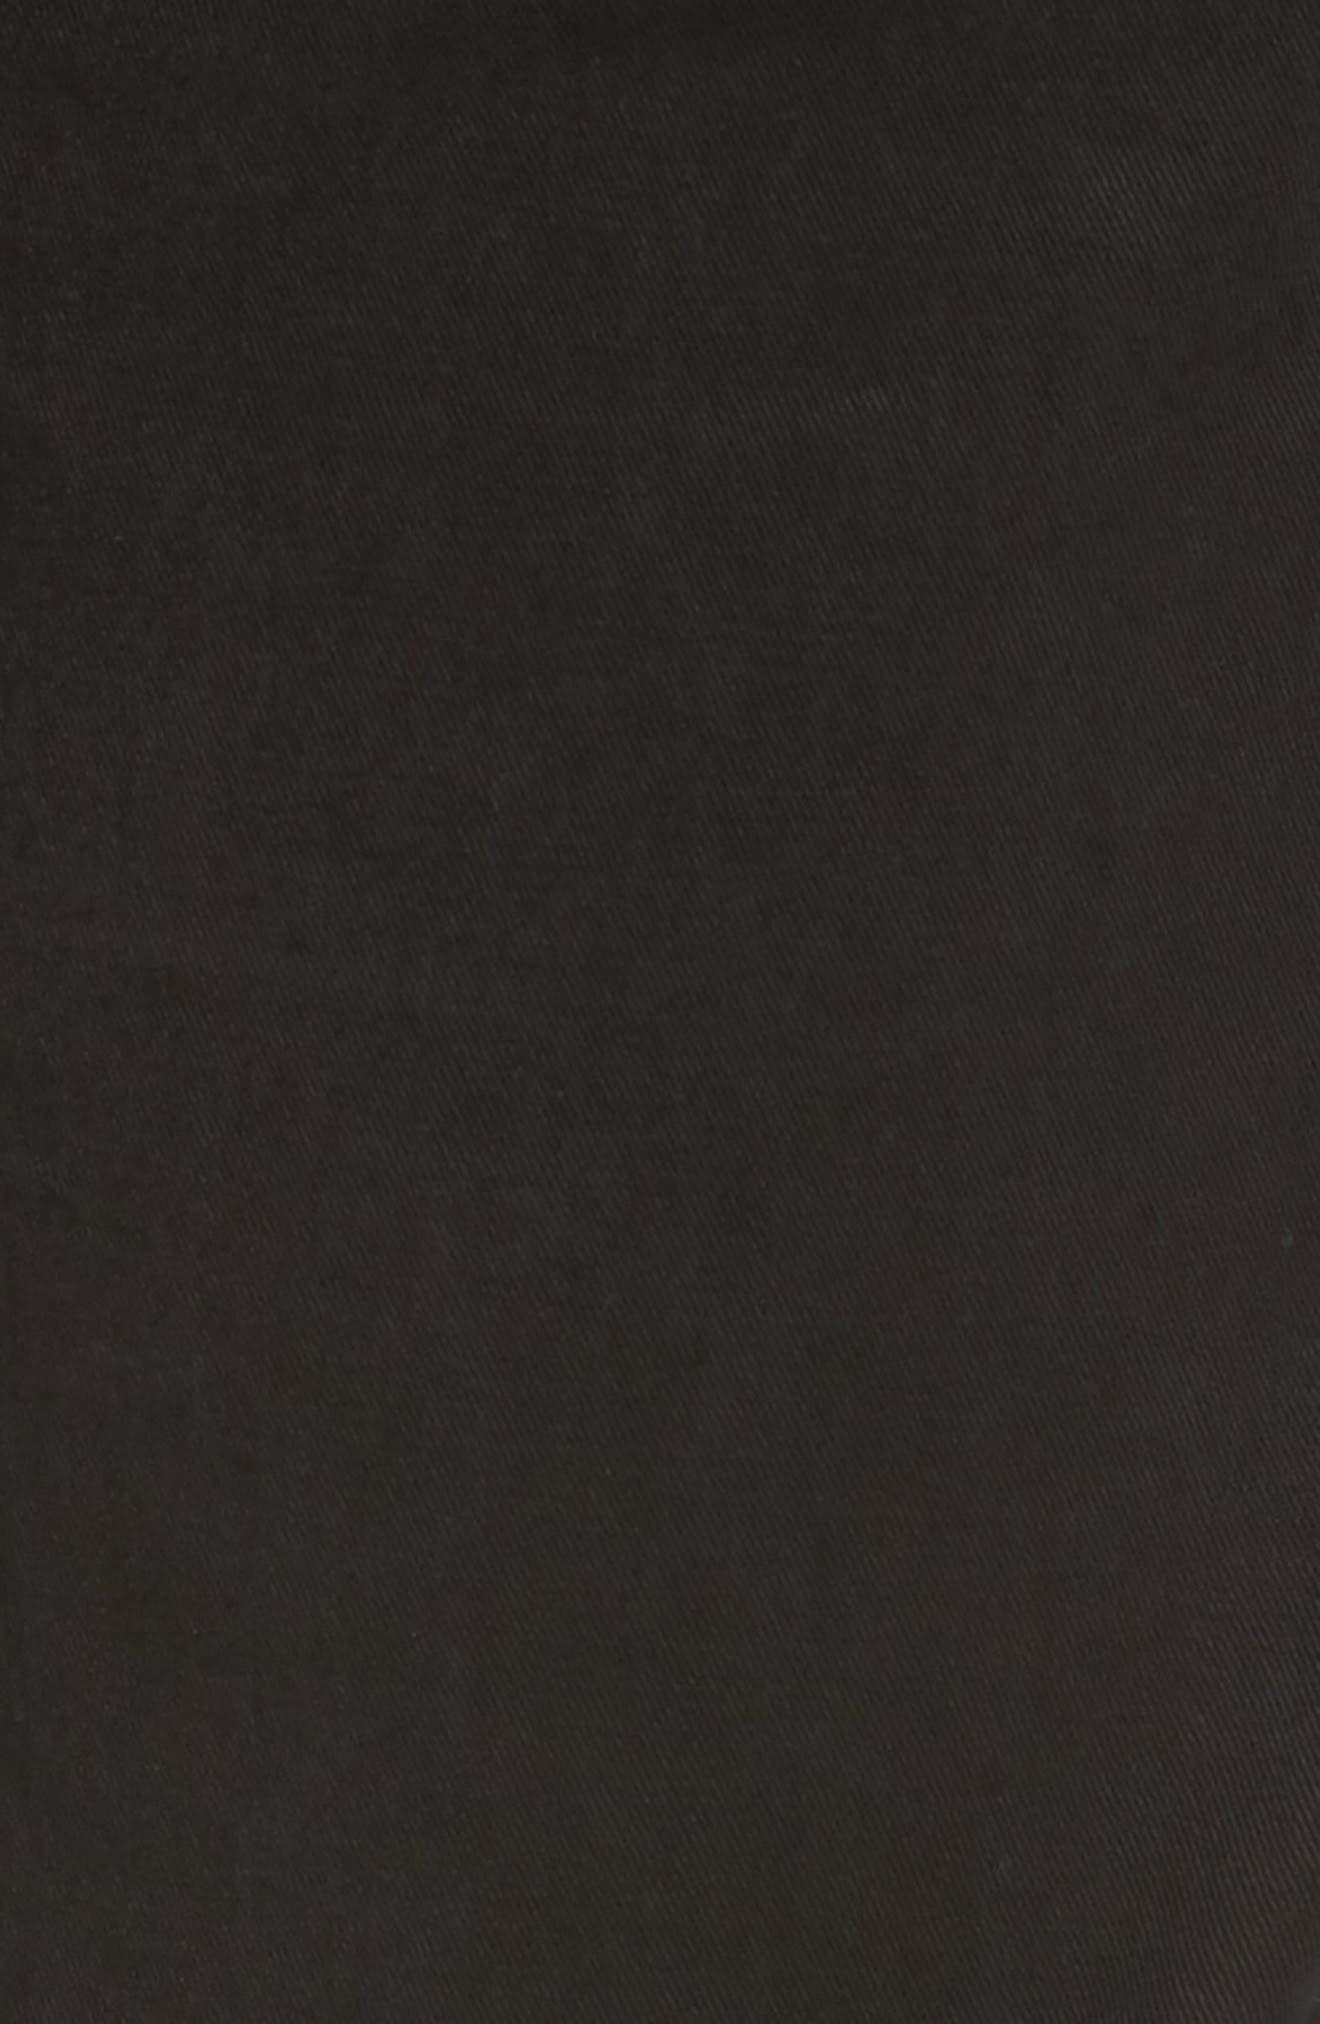 Slim Fit Washed Five-Pocket Pants,                             Alternate thumbnail 5, color,                             Black